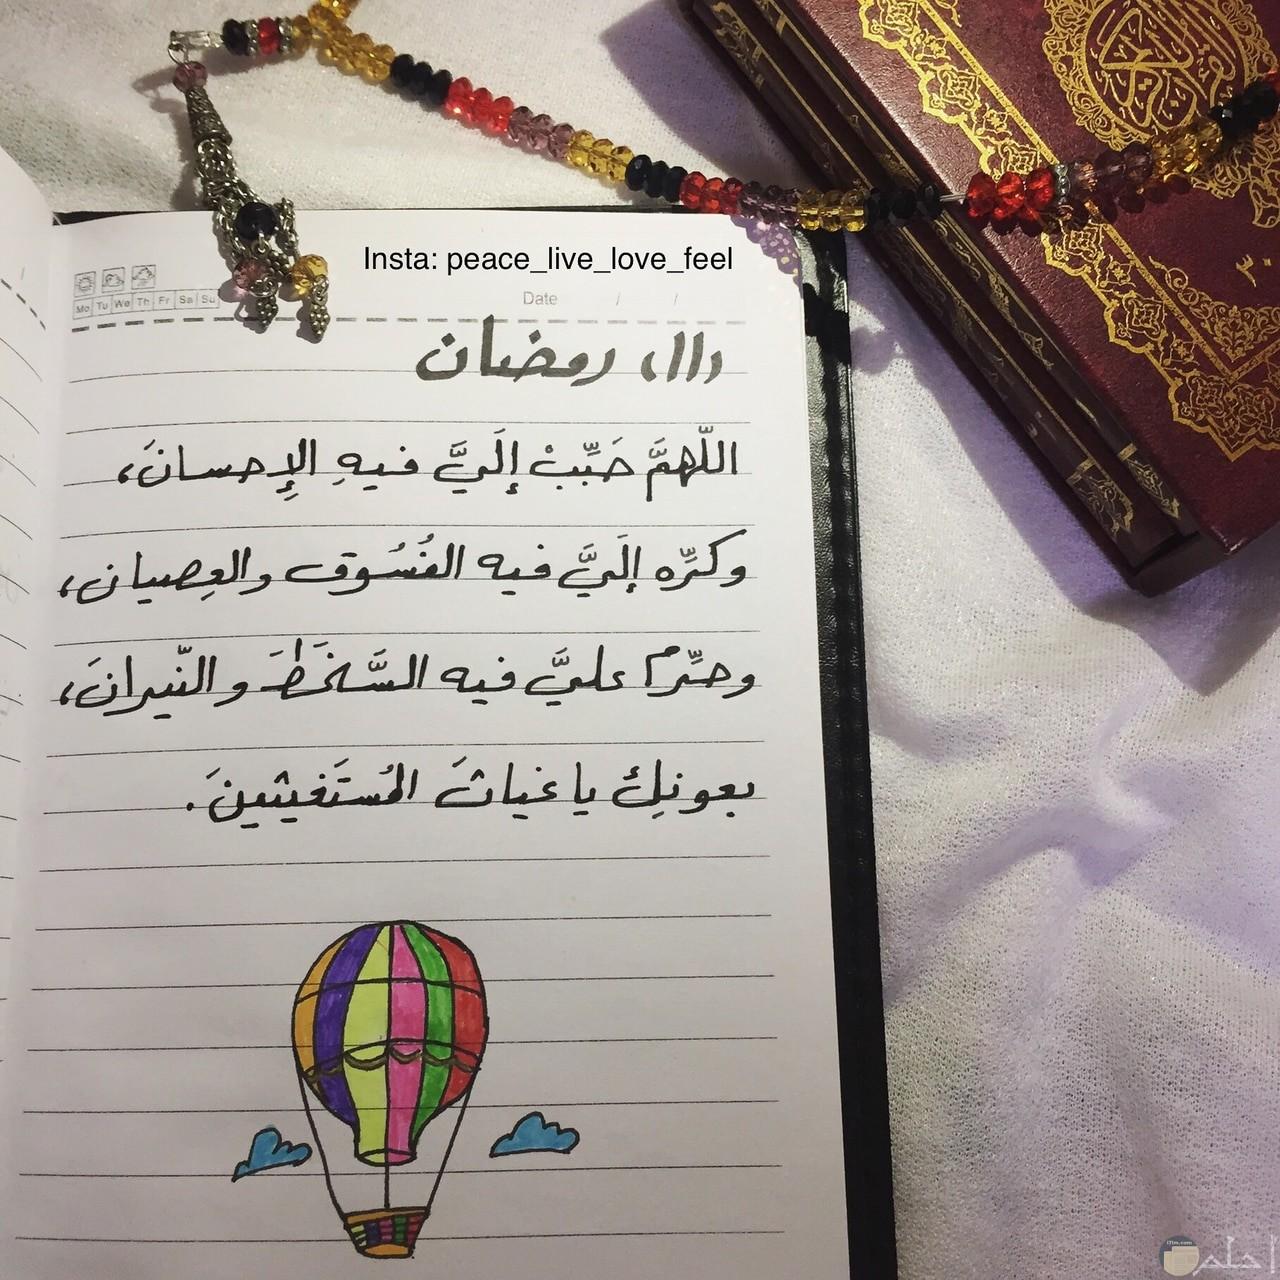 دعاء اليوم 11 من رمضان